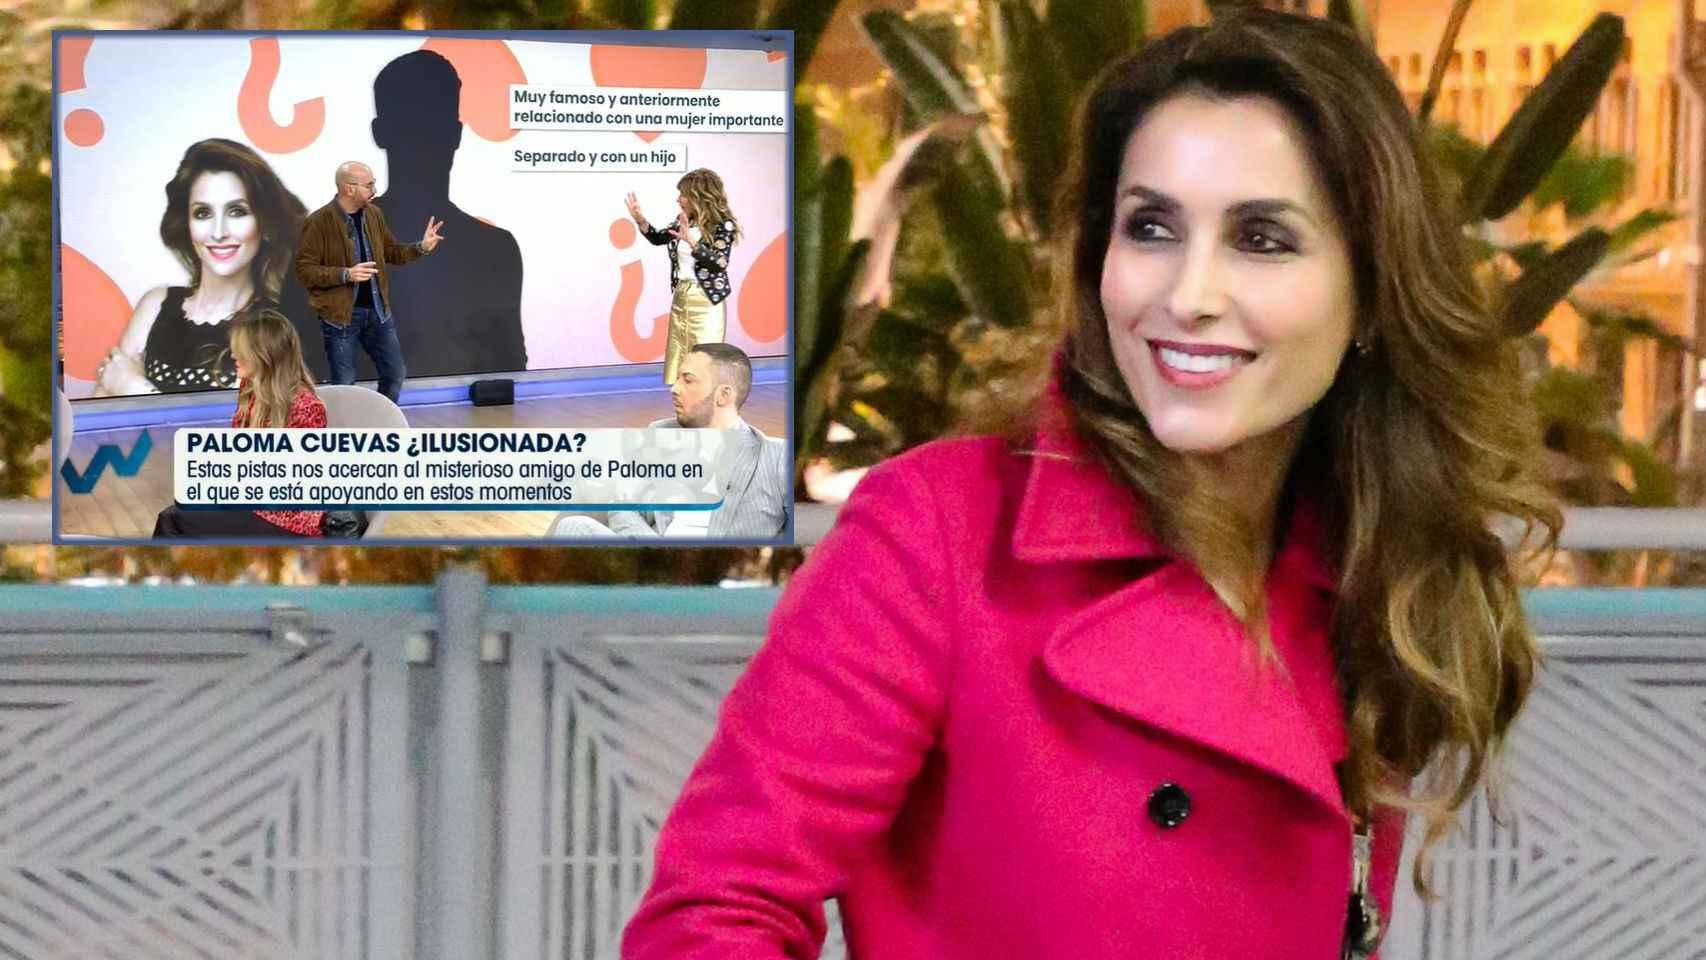 Paloma Cuevas junto al momento en el que Diego Arrabal ha dado pistas sobre el misterioso hombre.